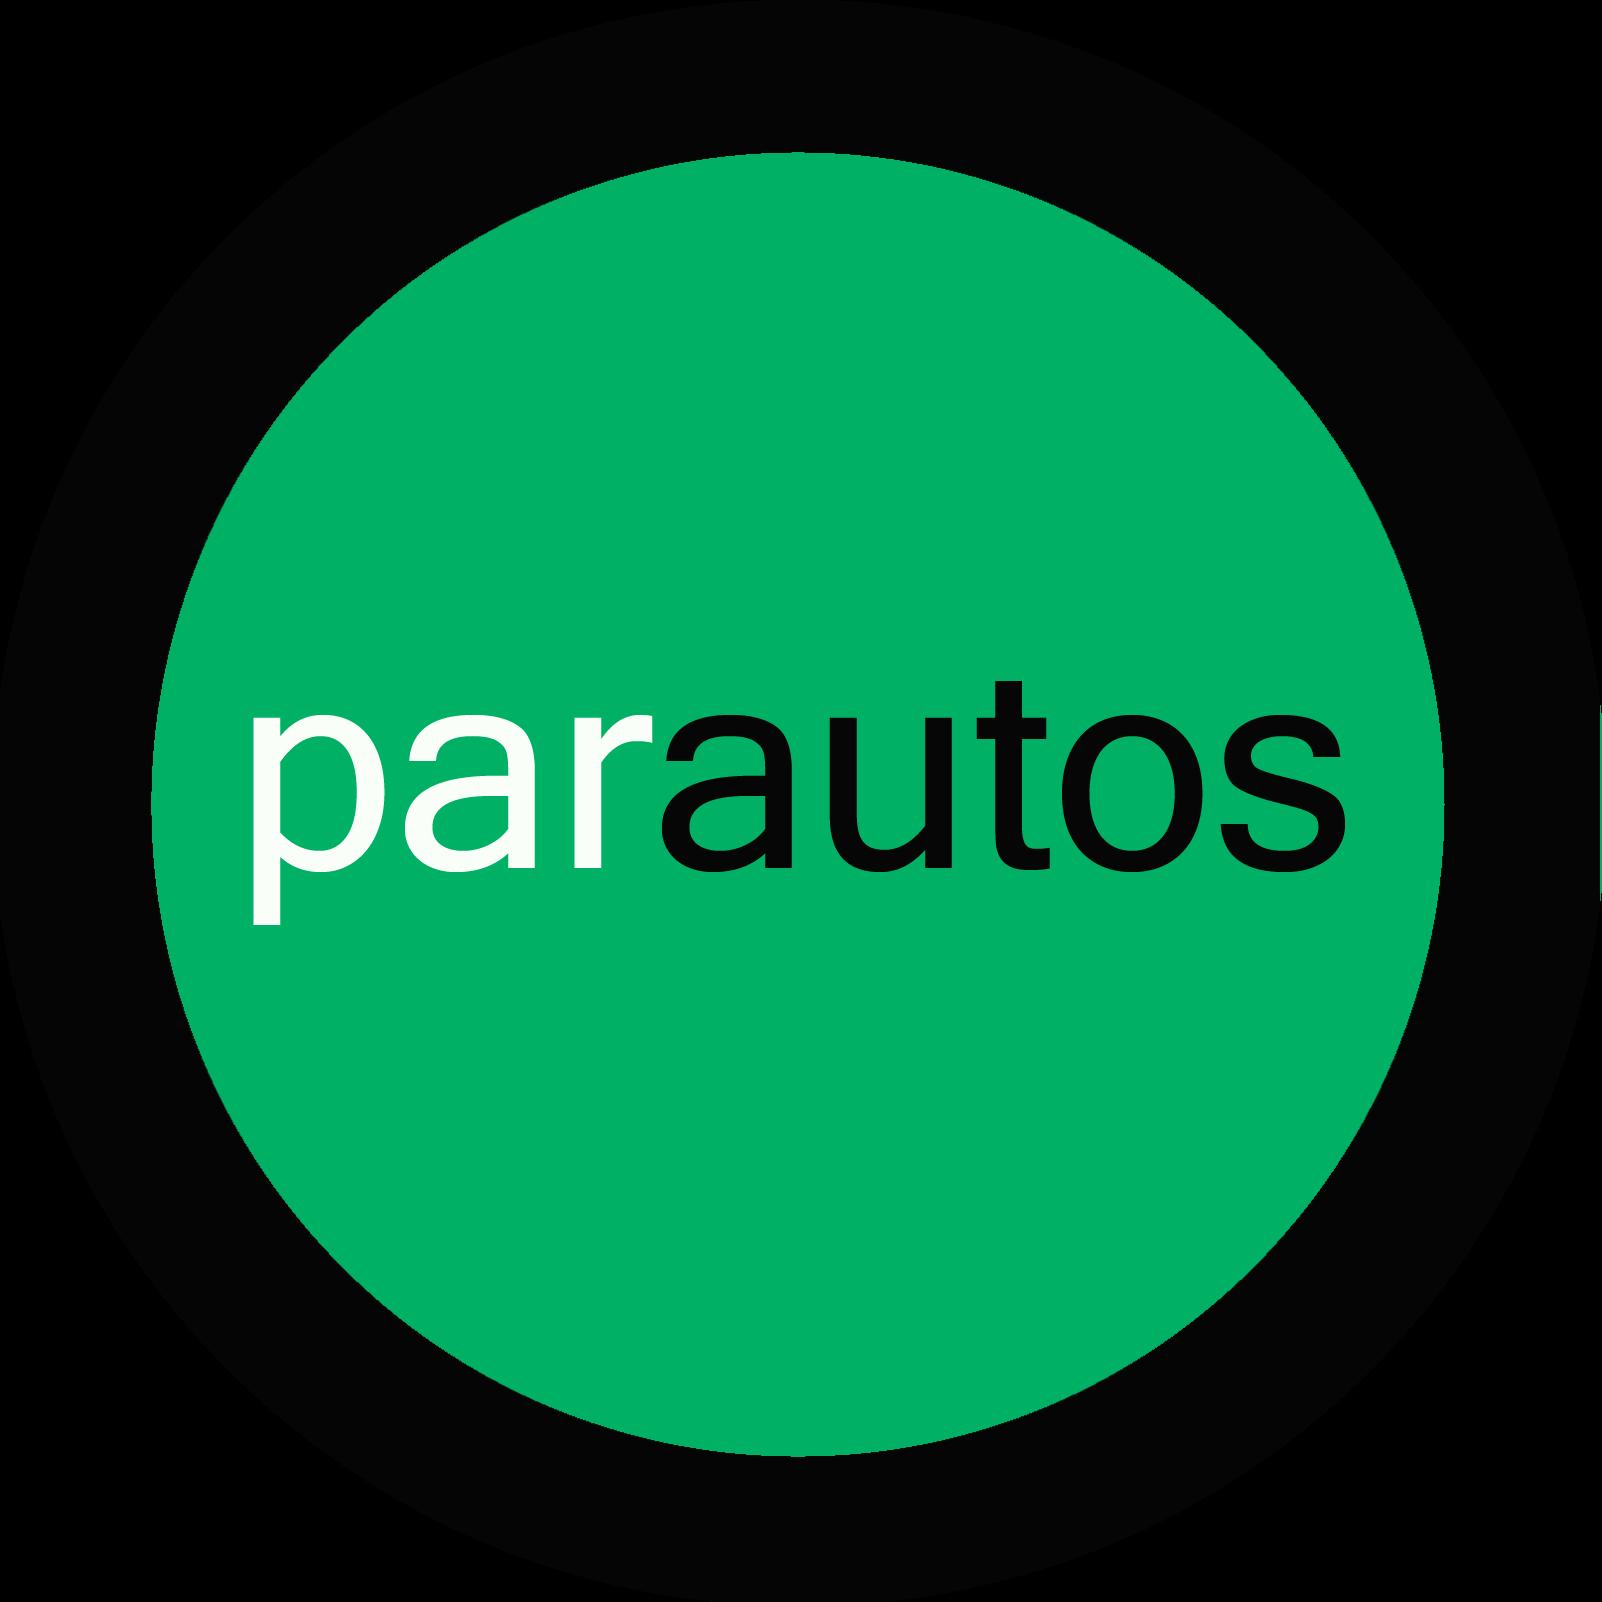 Parautos S A de C V on Twitter: